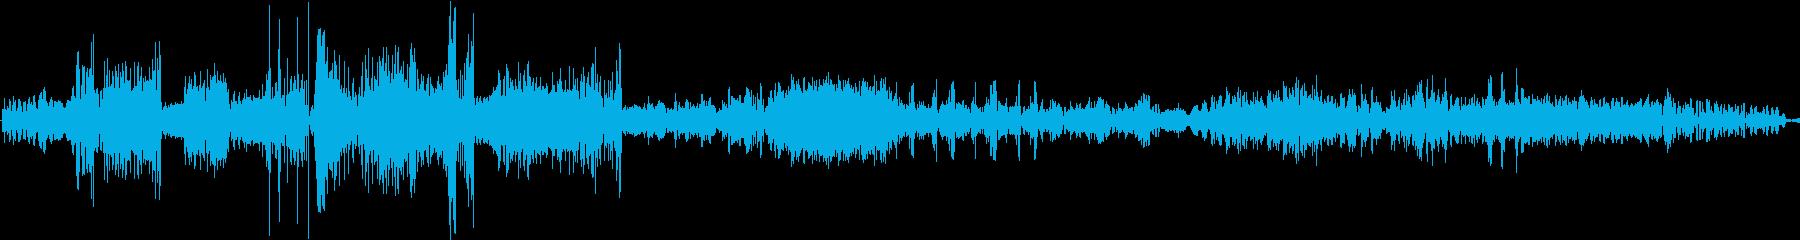 オーディオテープ巻き戻しの再生済みの波形